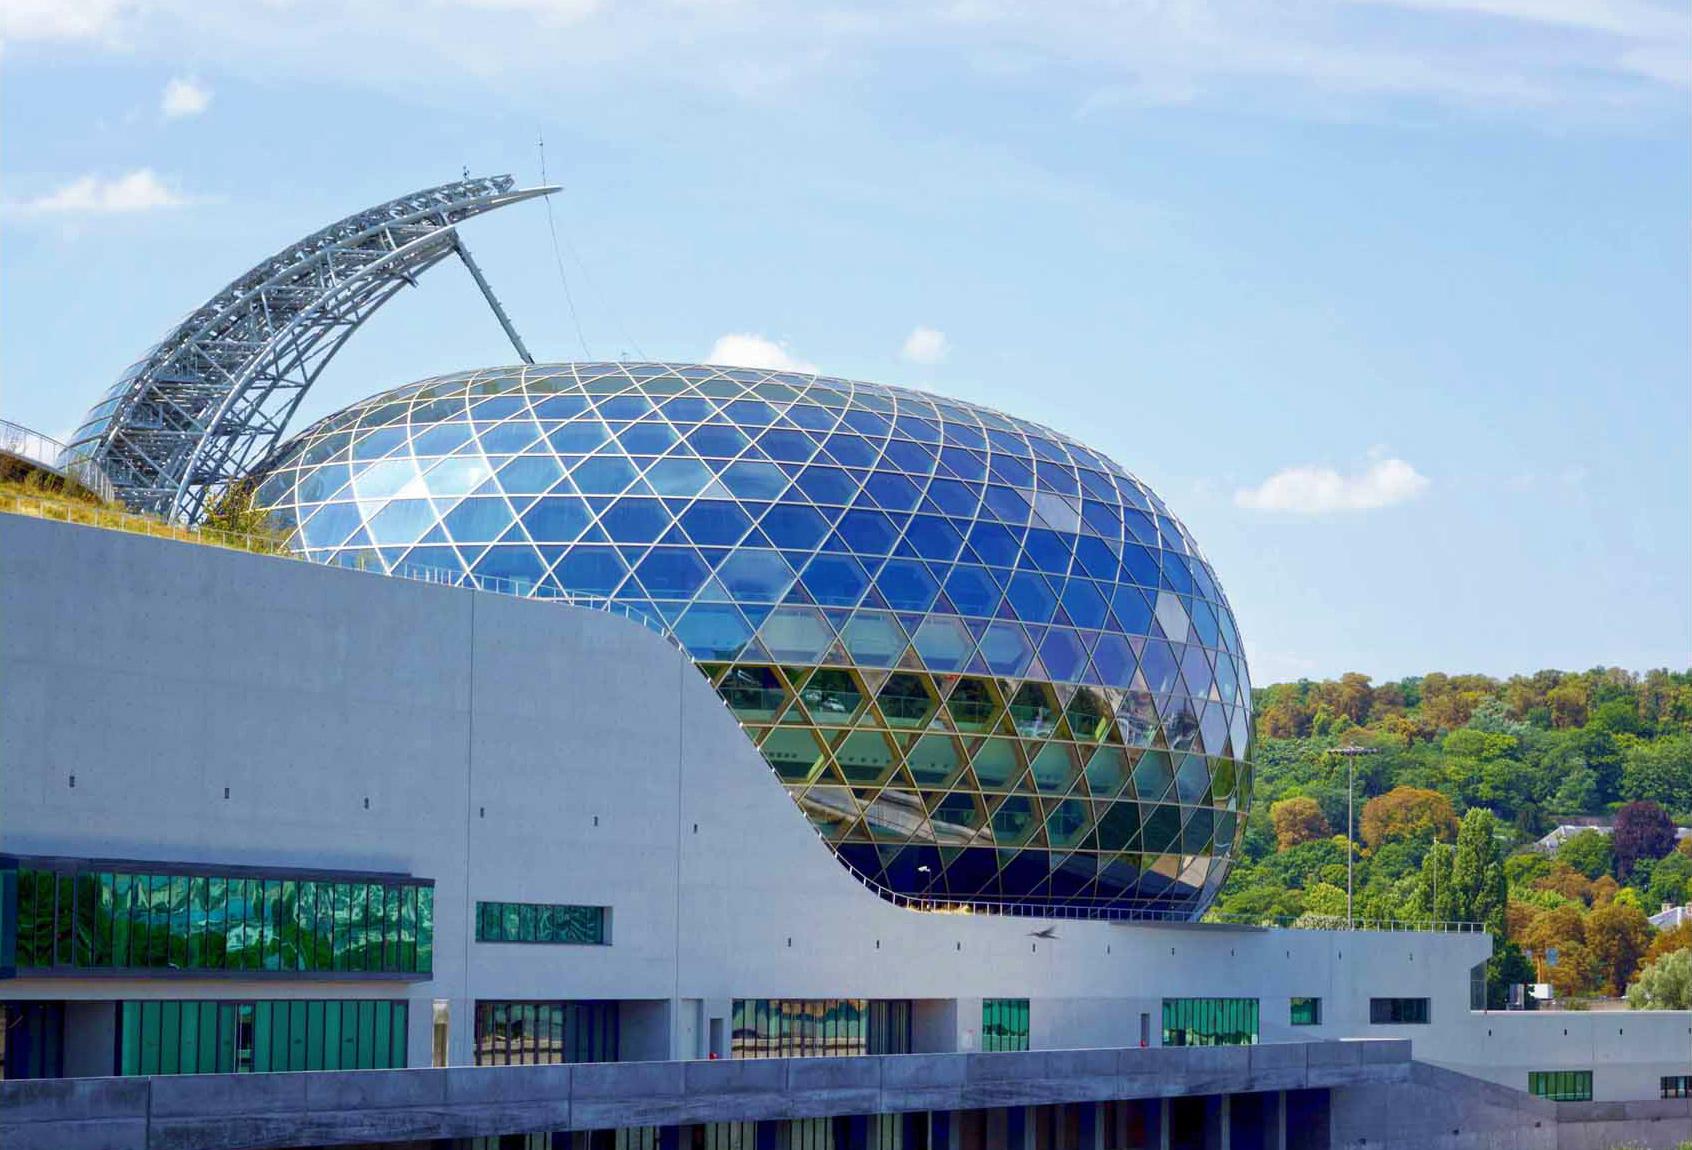 The Dome of La Seine Musicale